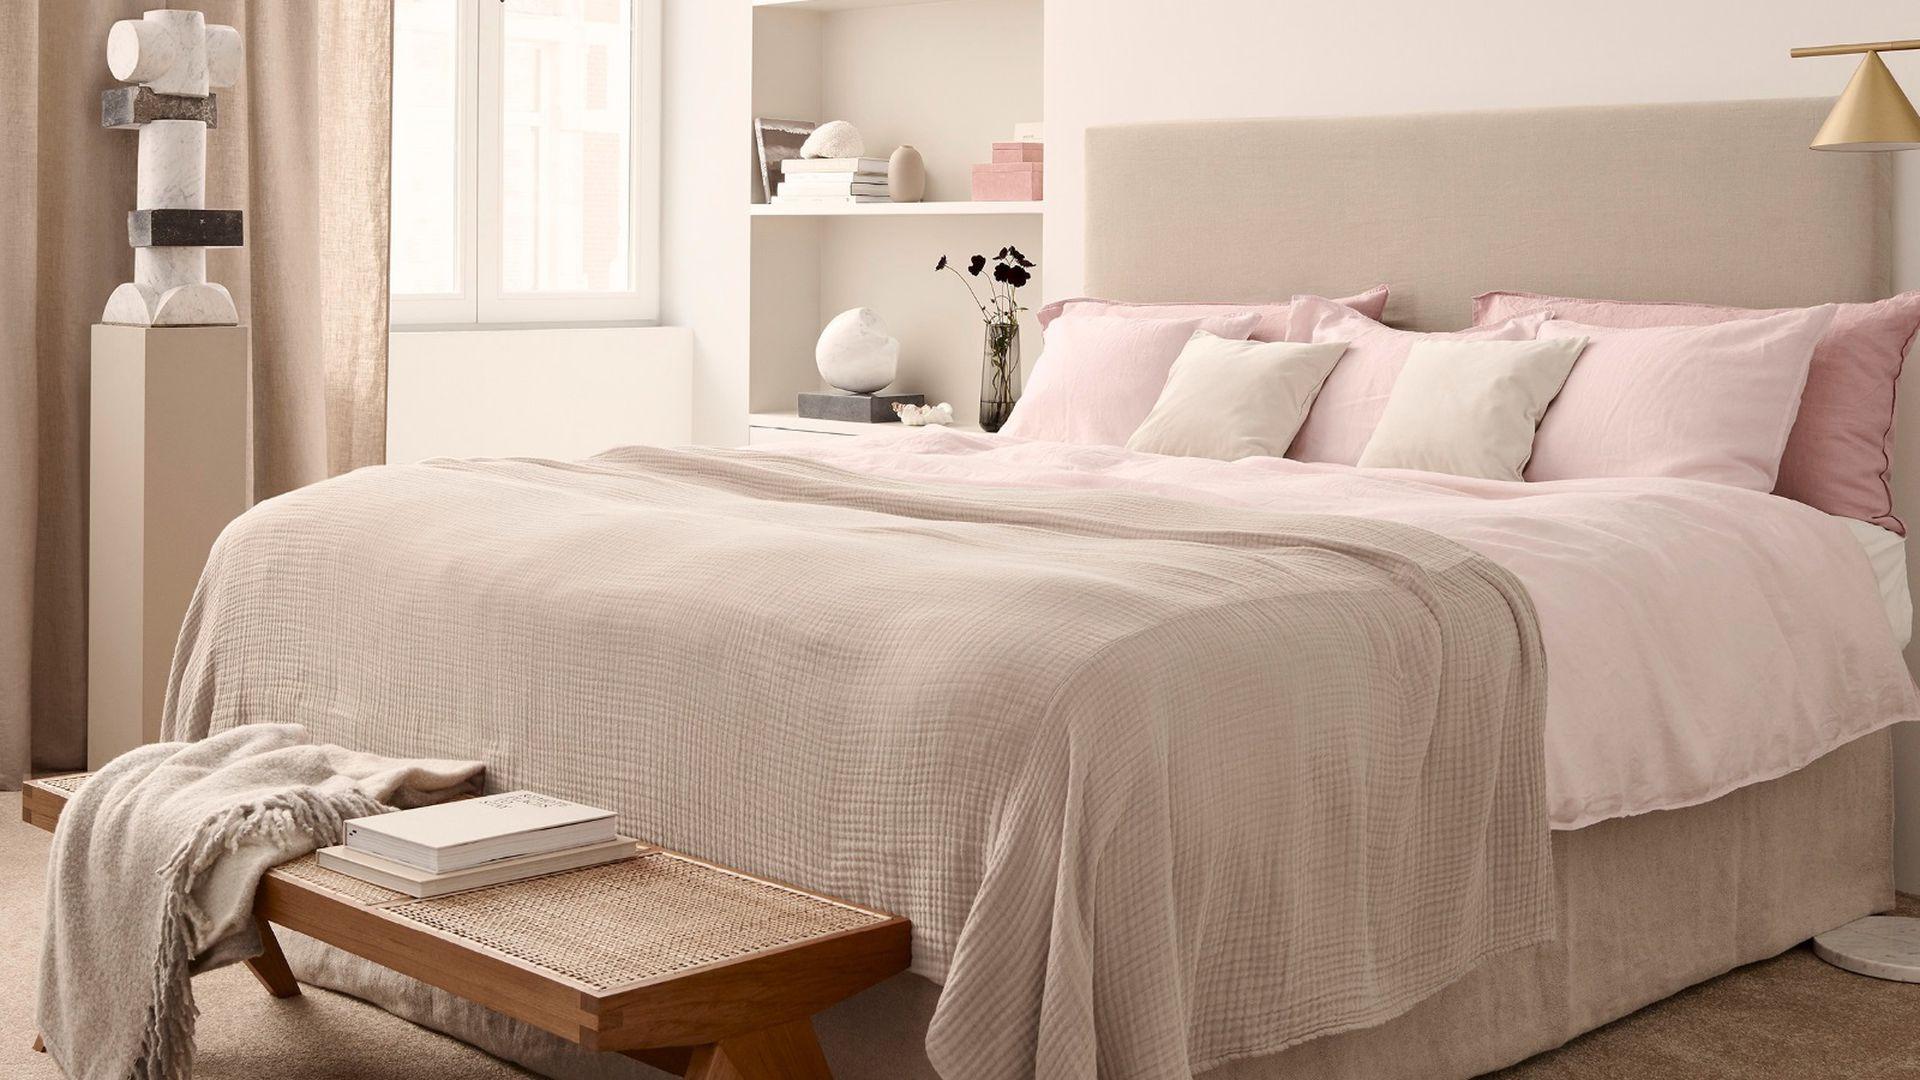 h m home 10 pamu nih posteljina uz koje e san biti jo sla i. Black Bedroom Furniture Sets. Home Design Ideas